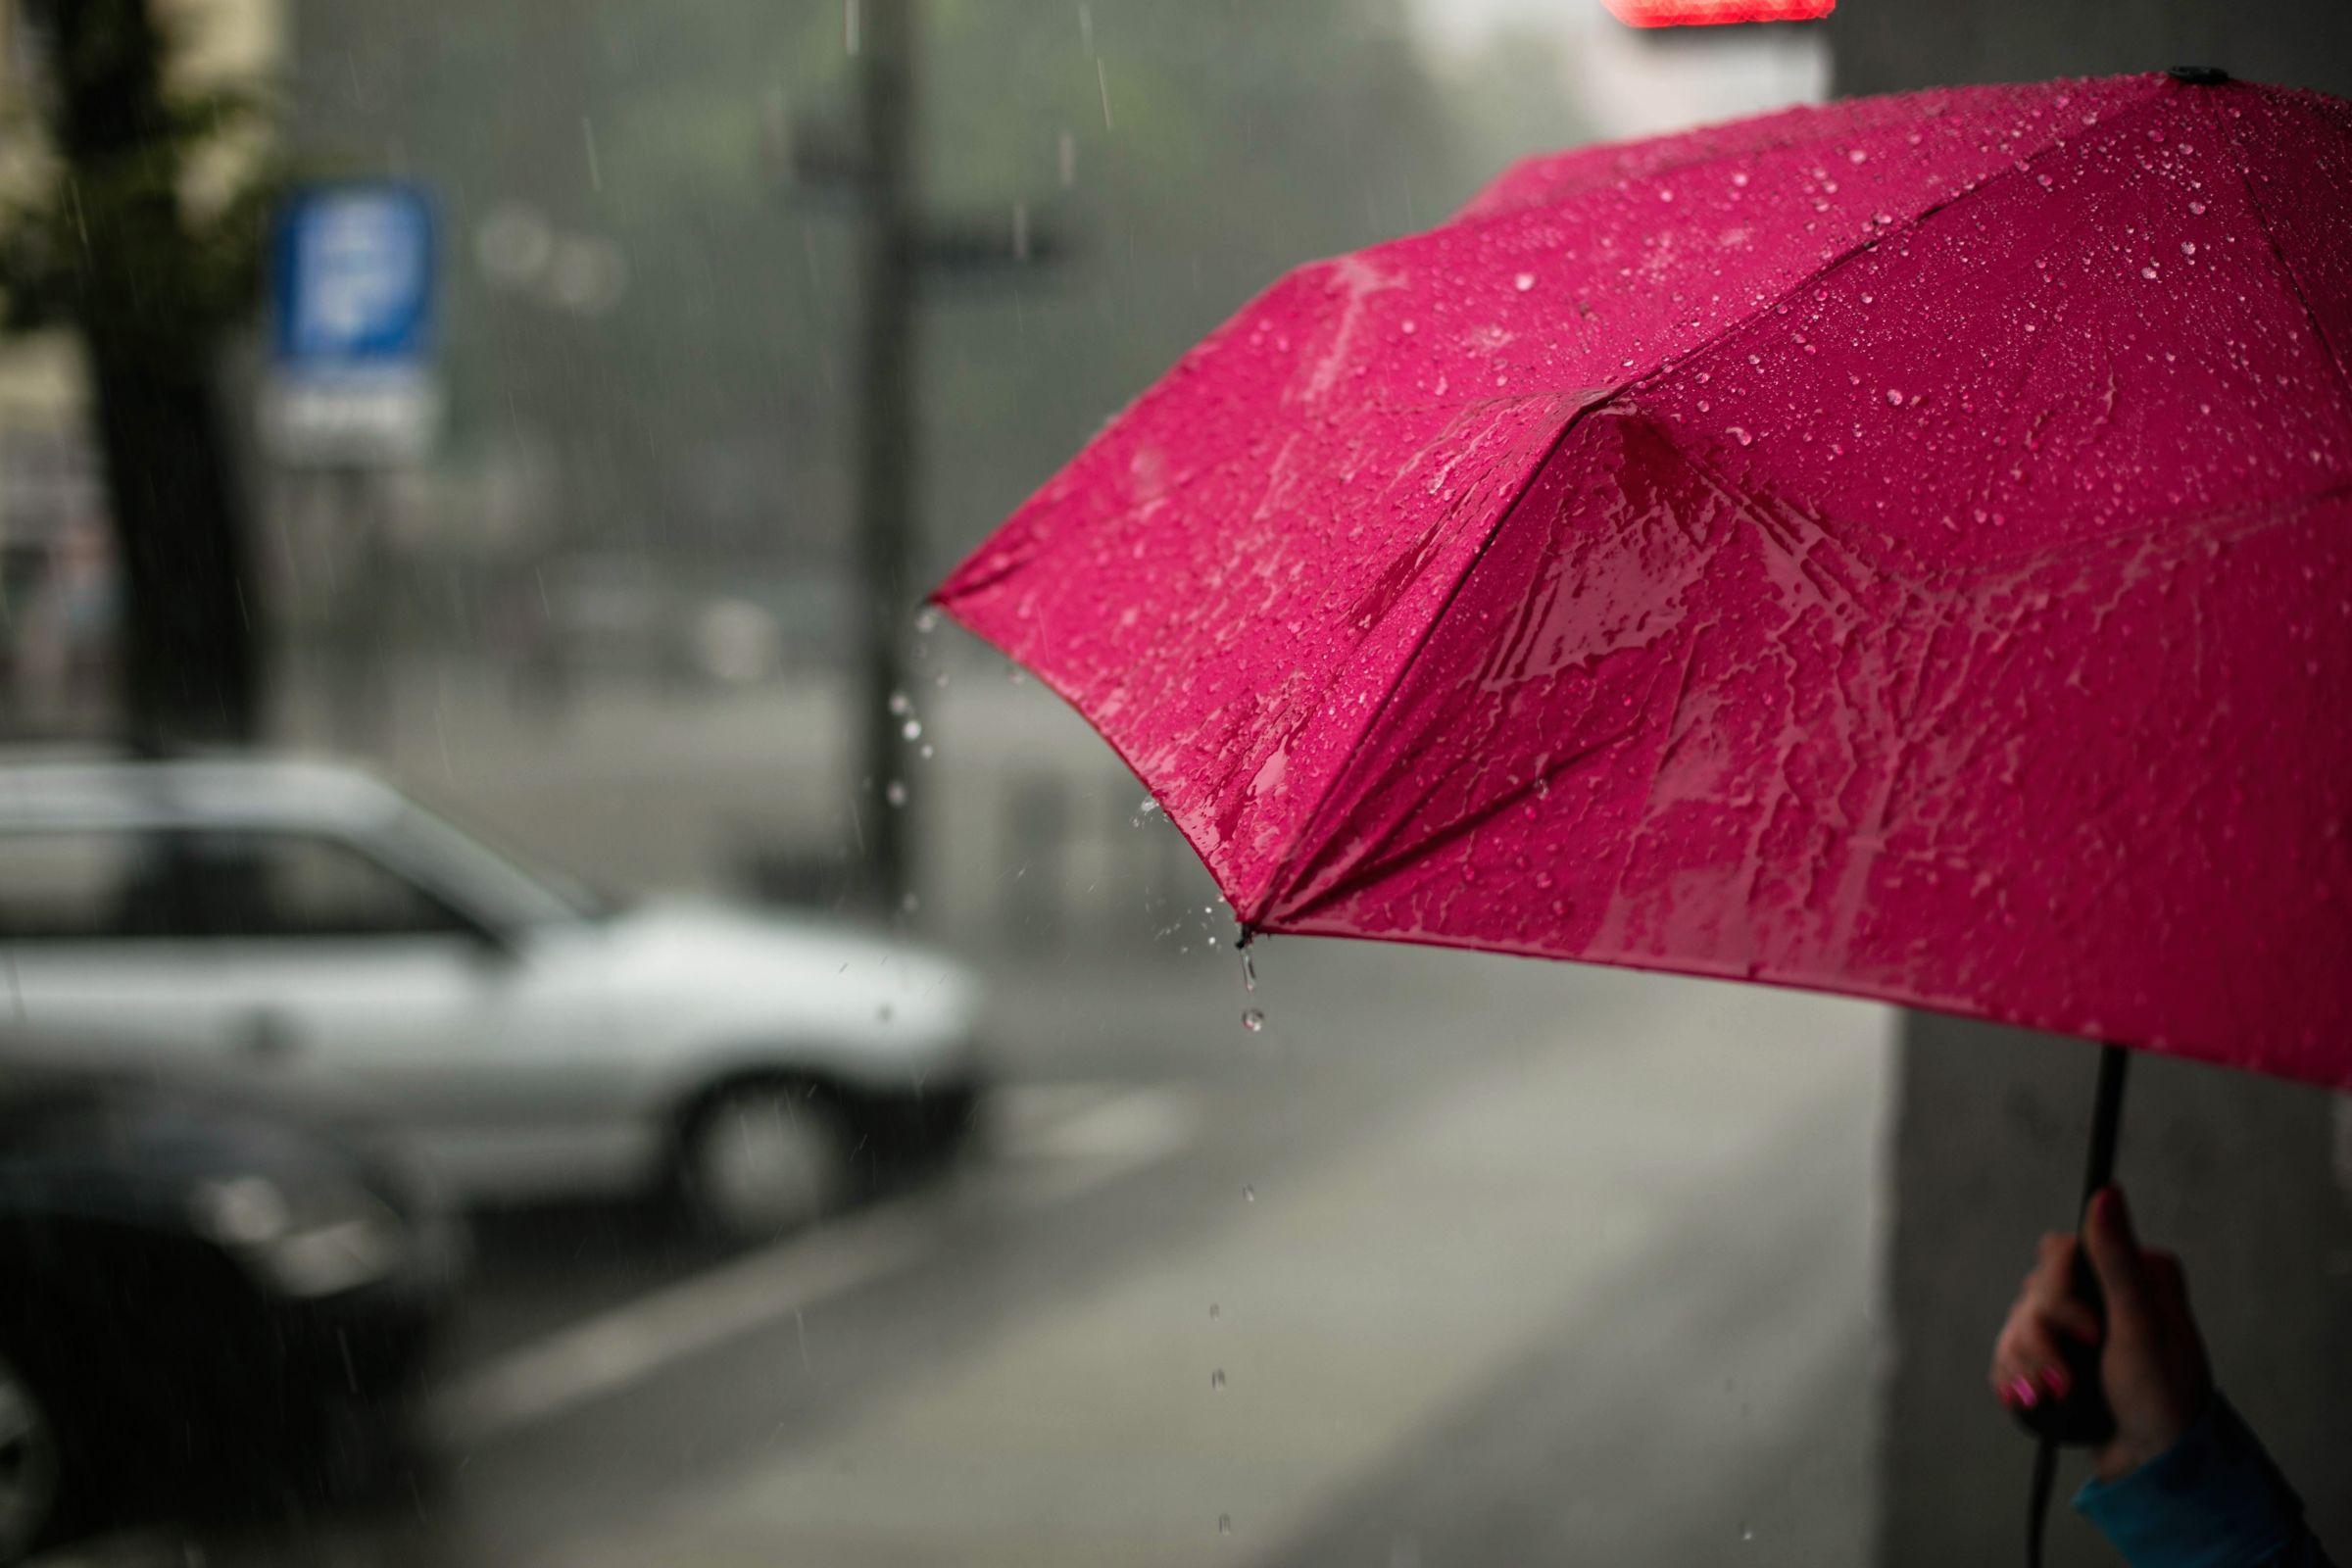 Pinker Regenschirm in einer verregneten Stadt